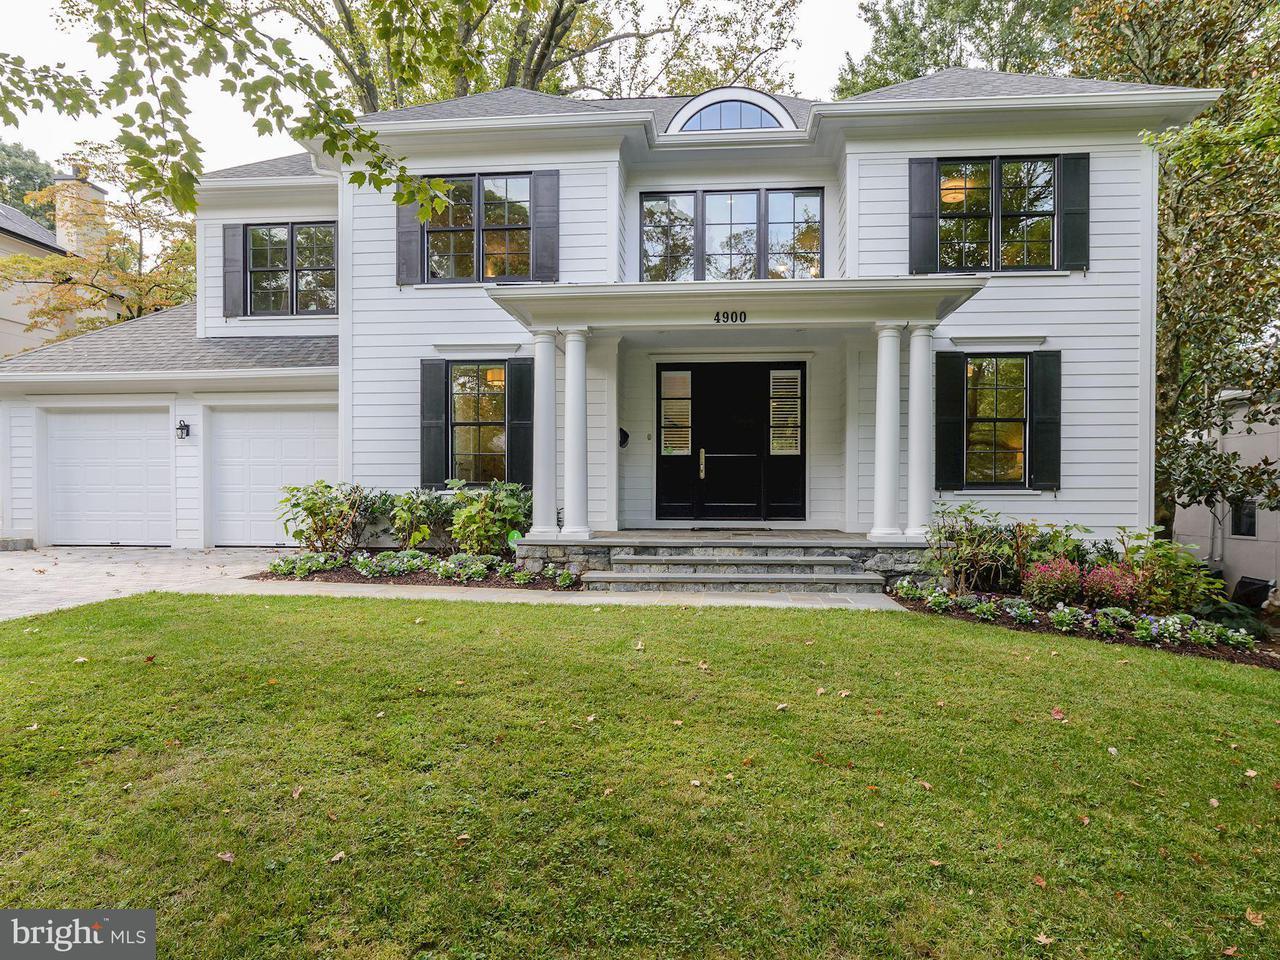 Casa Unifamiliar por un Venta en 4900 FALSTONE Avenue 4900 FALSTONE Avenue Chevy Chase, Maryland 20815 Estados Unidos